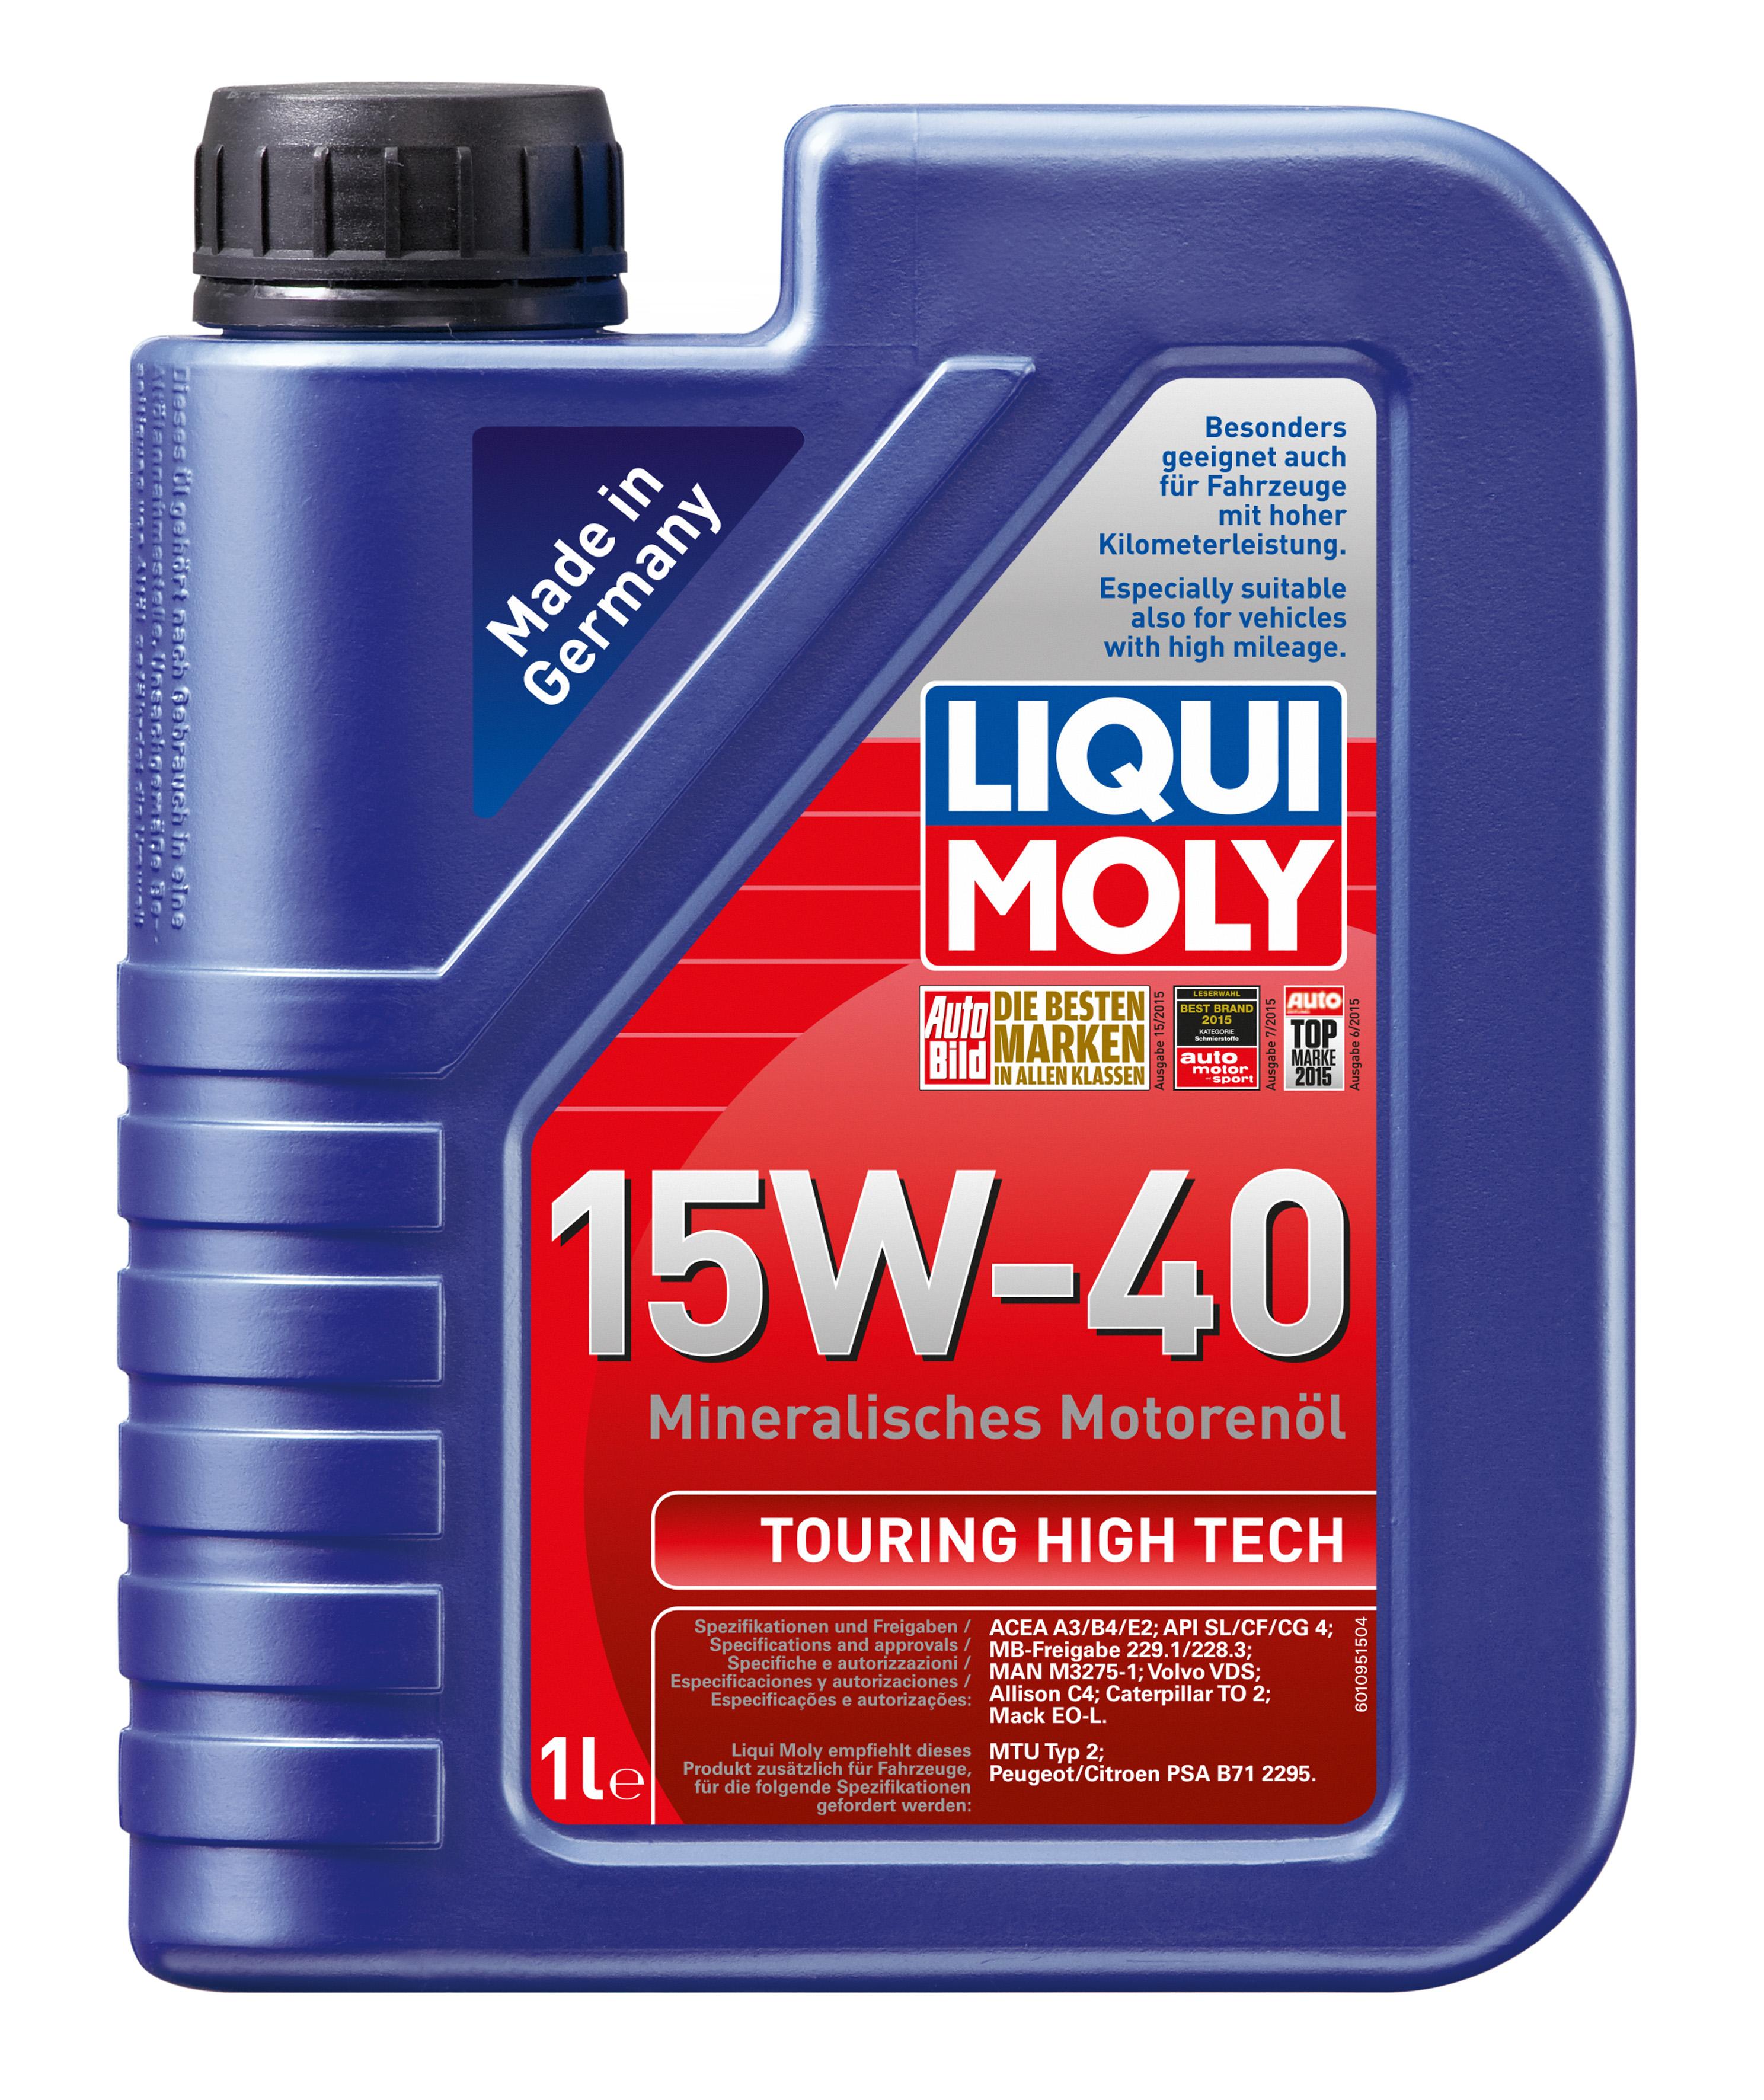 Минеральное моторное масло Touring High Tech 15W-40